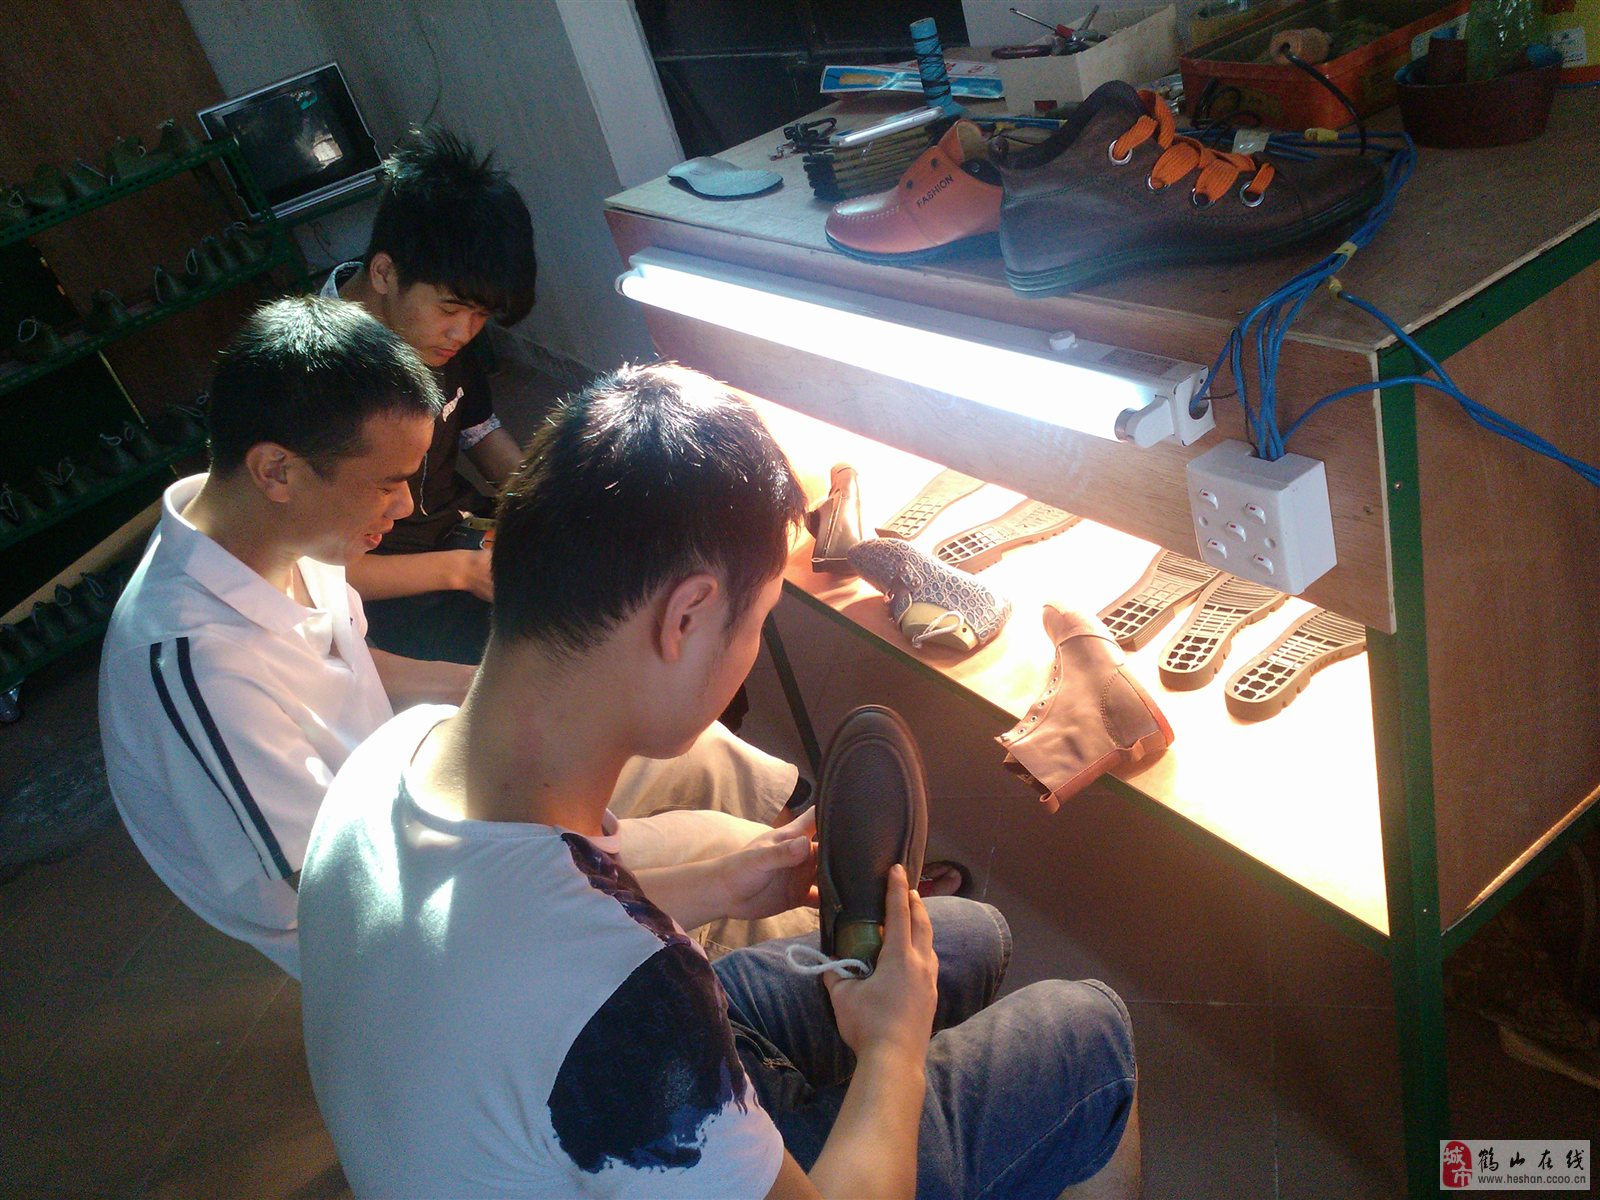 鹤山市艺立鸿全套技术设计出格版师鞋样鞋业培训大伞帽图片